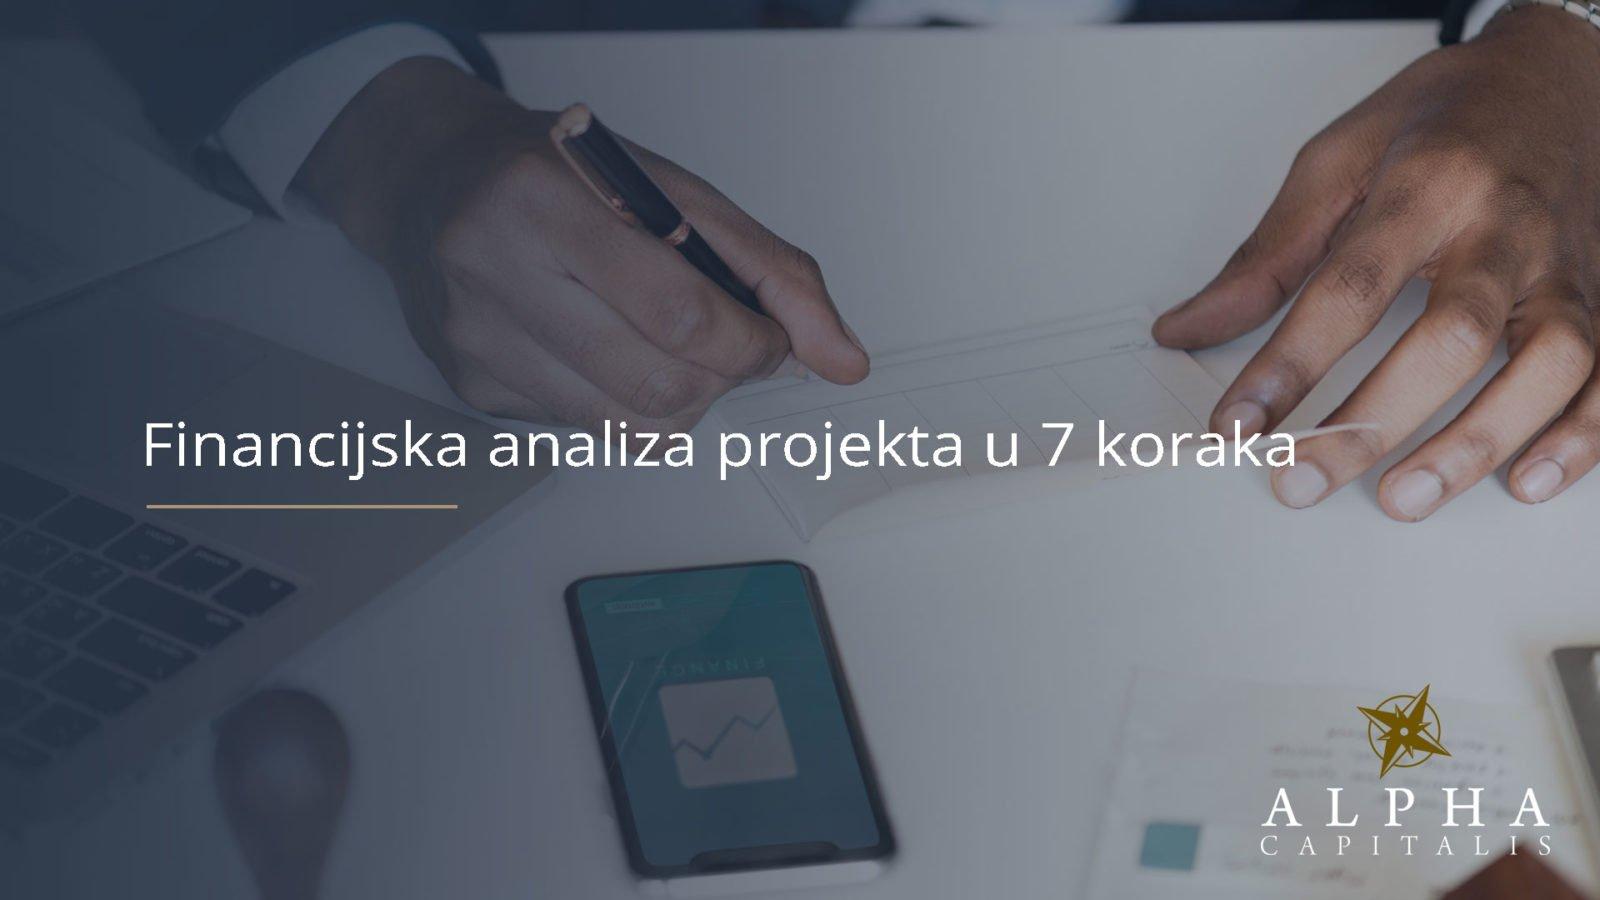 Financijska analiza projekta u 7 koraka - Financijska analiza projekta u 7 koraka